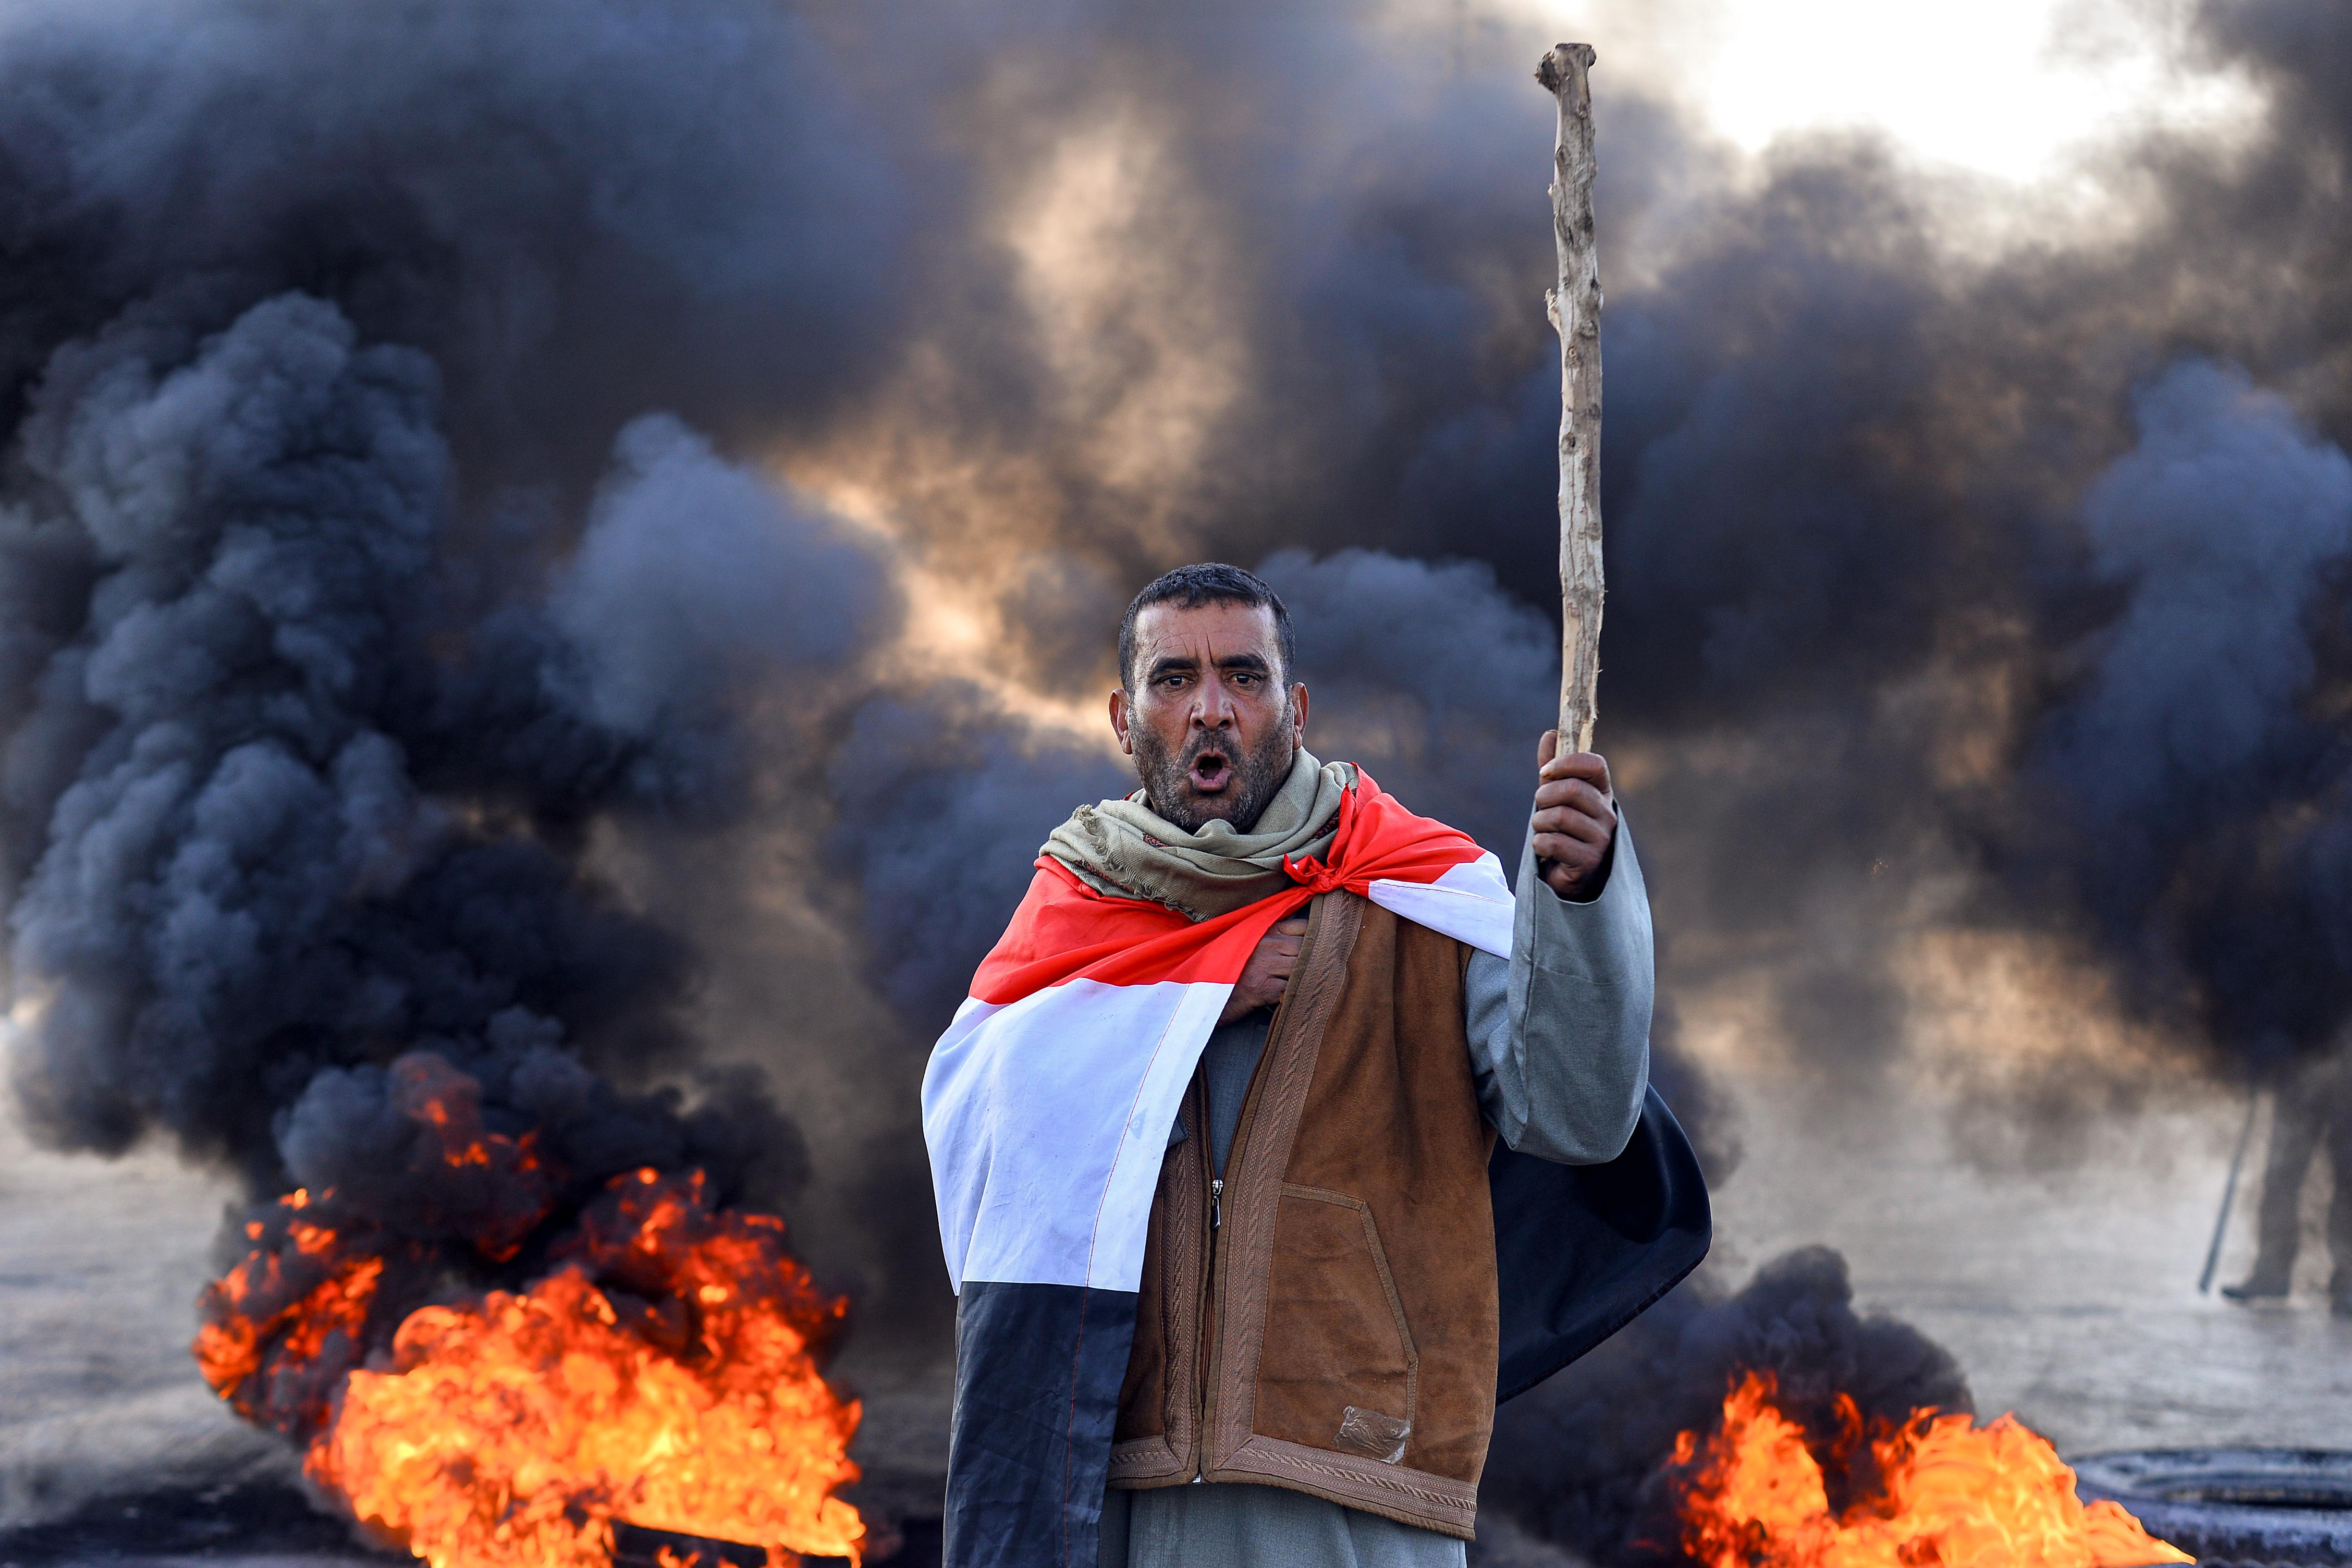 متظاهر في العراق ضد تكليف محمد توفيق علاوي رئيسا للوزراء في البلاد